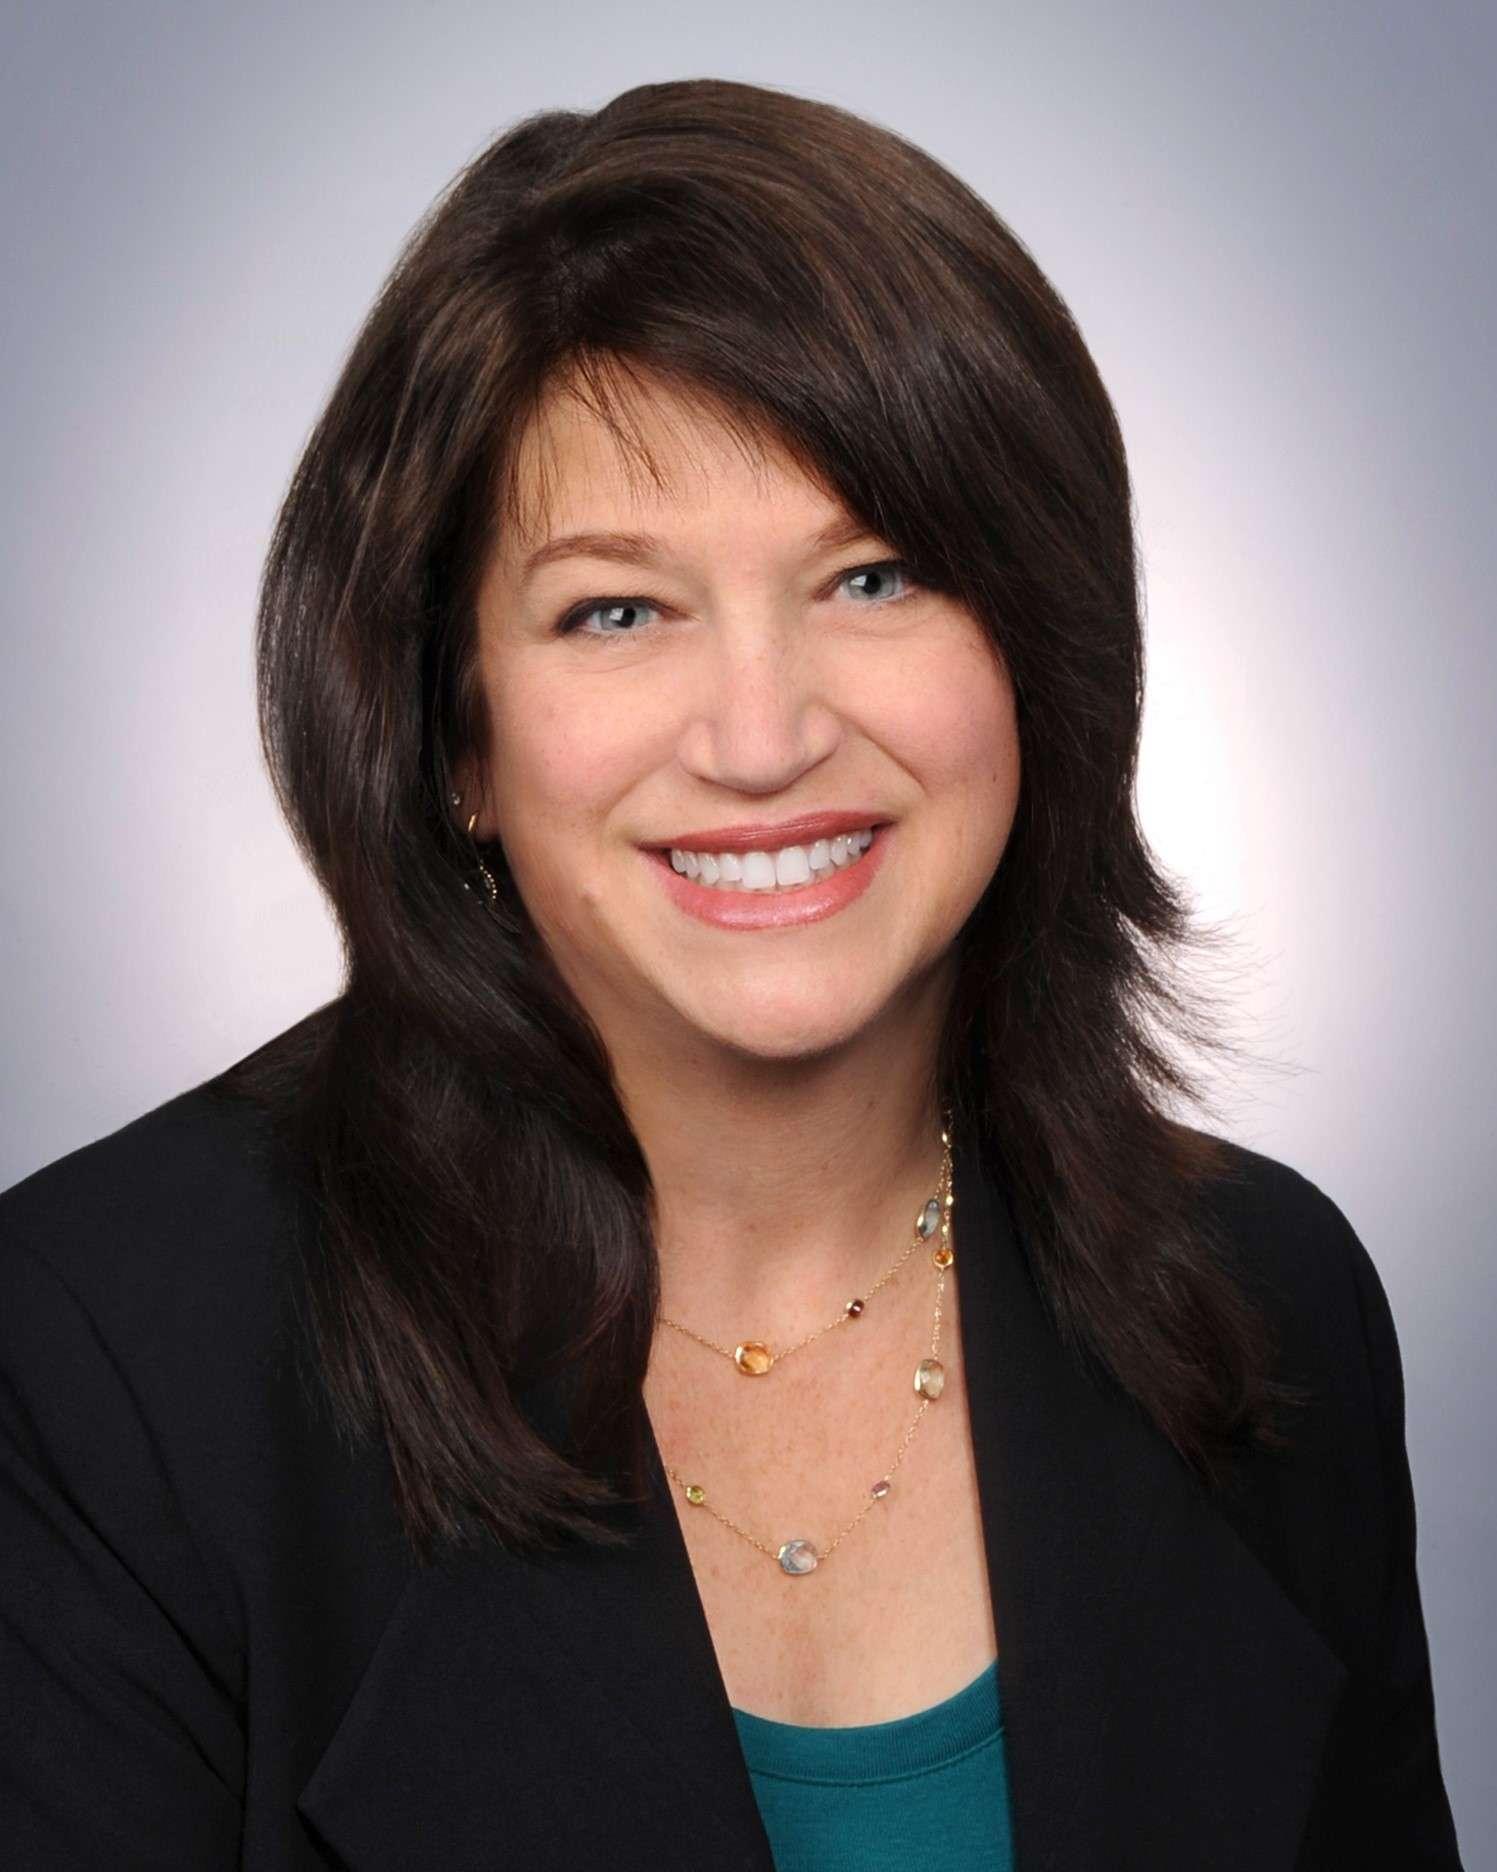 Shelley Specchio